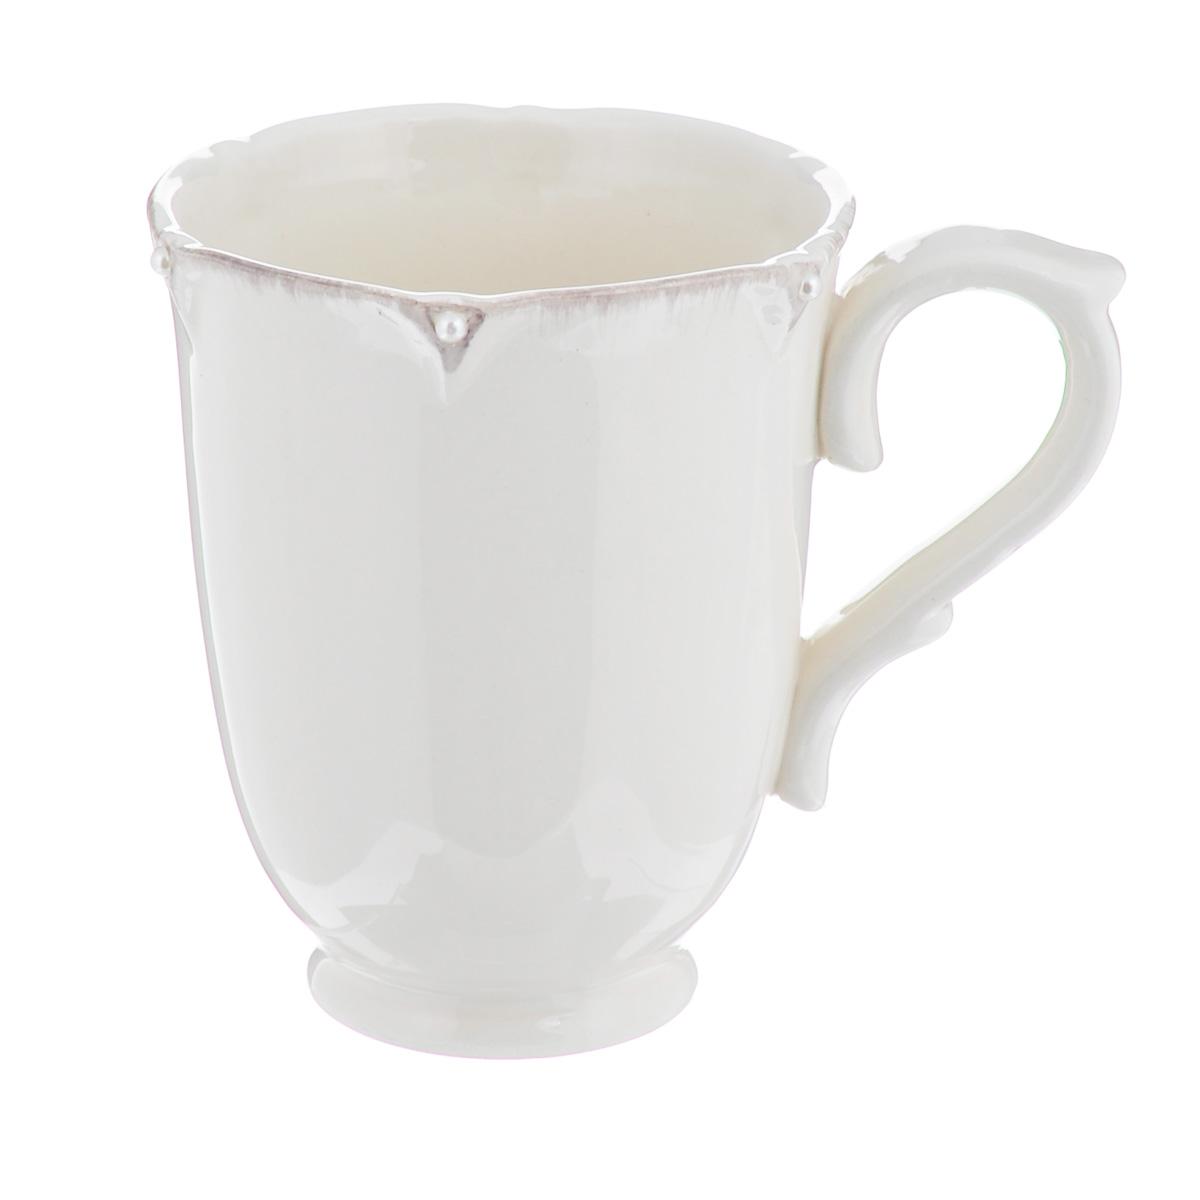 Кружка Lillo Ideal, 350 мл214950Кружка Lillo Ideal выполнена из высококачественной керамики. Края кружки рельефные и декорированы искусственным жемчугом. Такая кружка порадует вас дизайном и функциональностью, а пить чай или кофе из нее станет еще приятнее. Остерегайтесь сильных ударов. Не применять абразивные чистящие средства. Объем: 350 мл.Диаметр кружки по верхнему краю: 9 см.Высота кружки: 11 см.